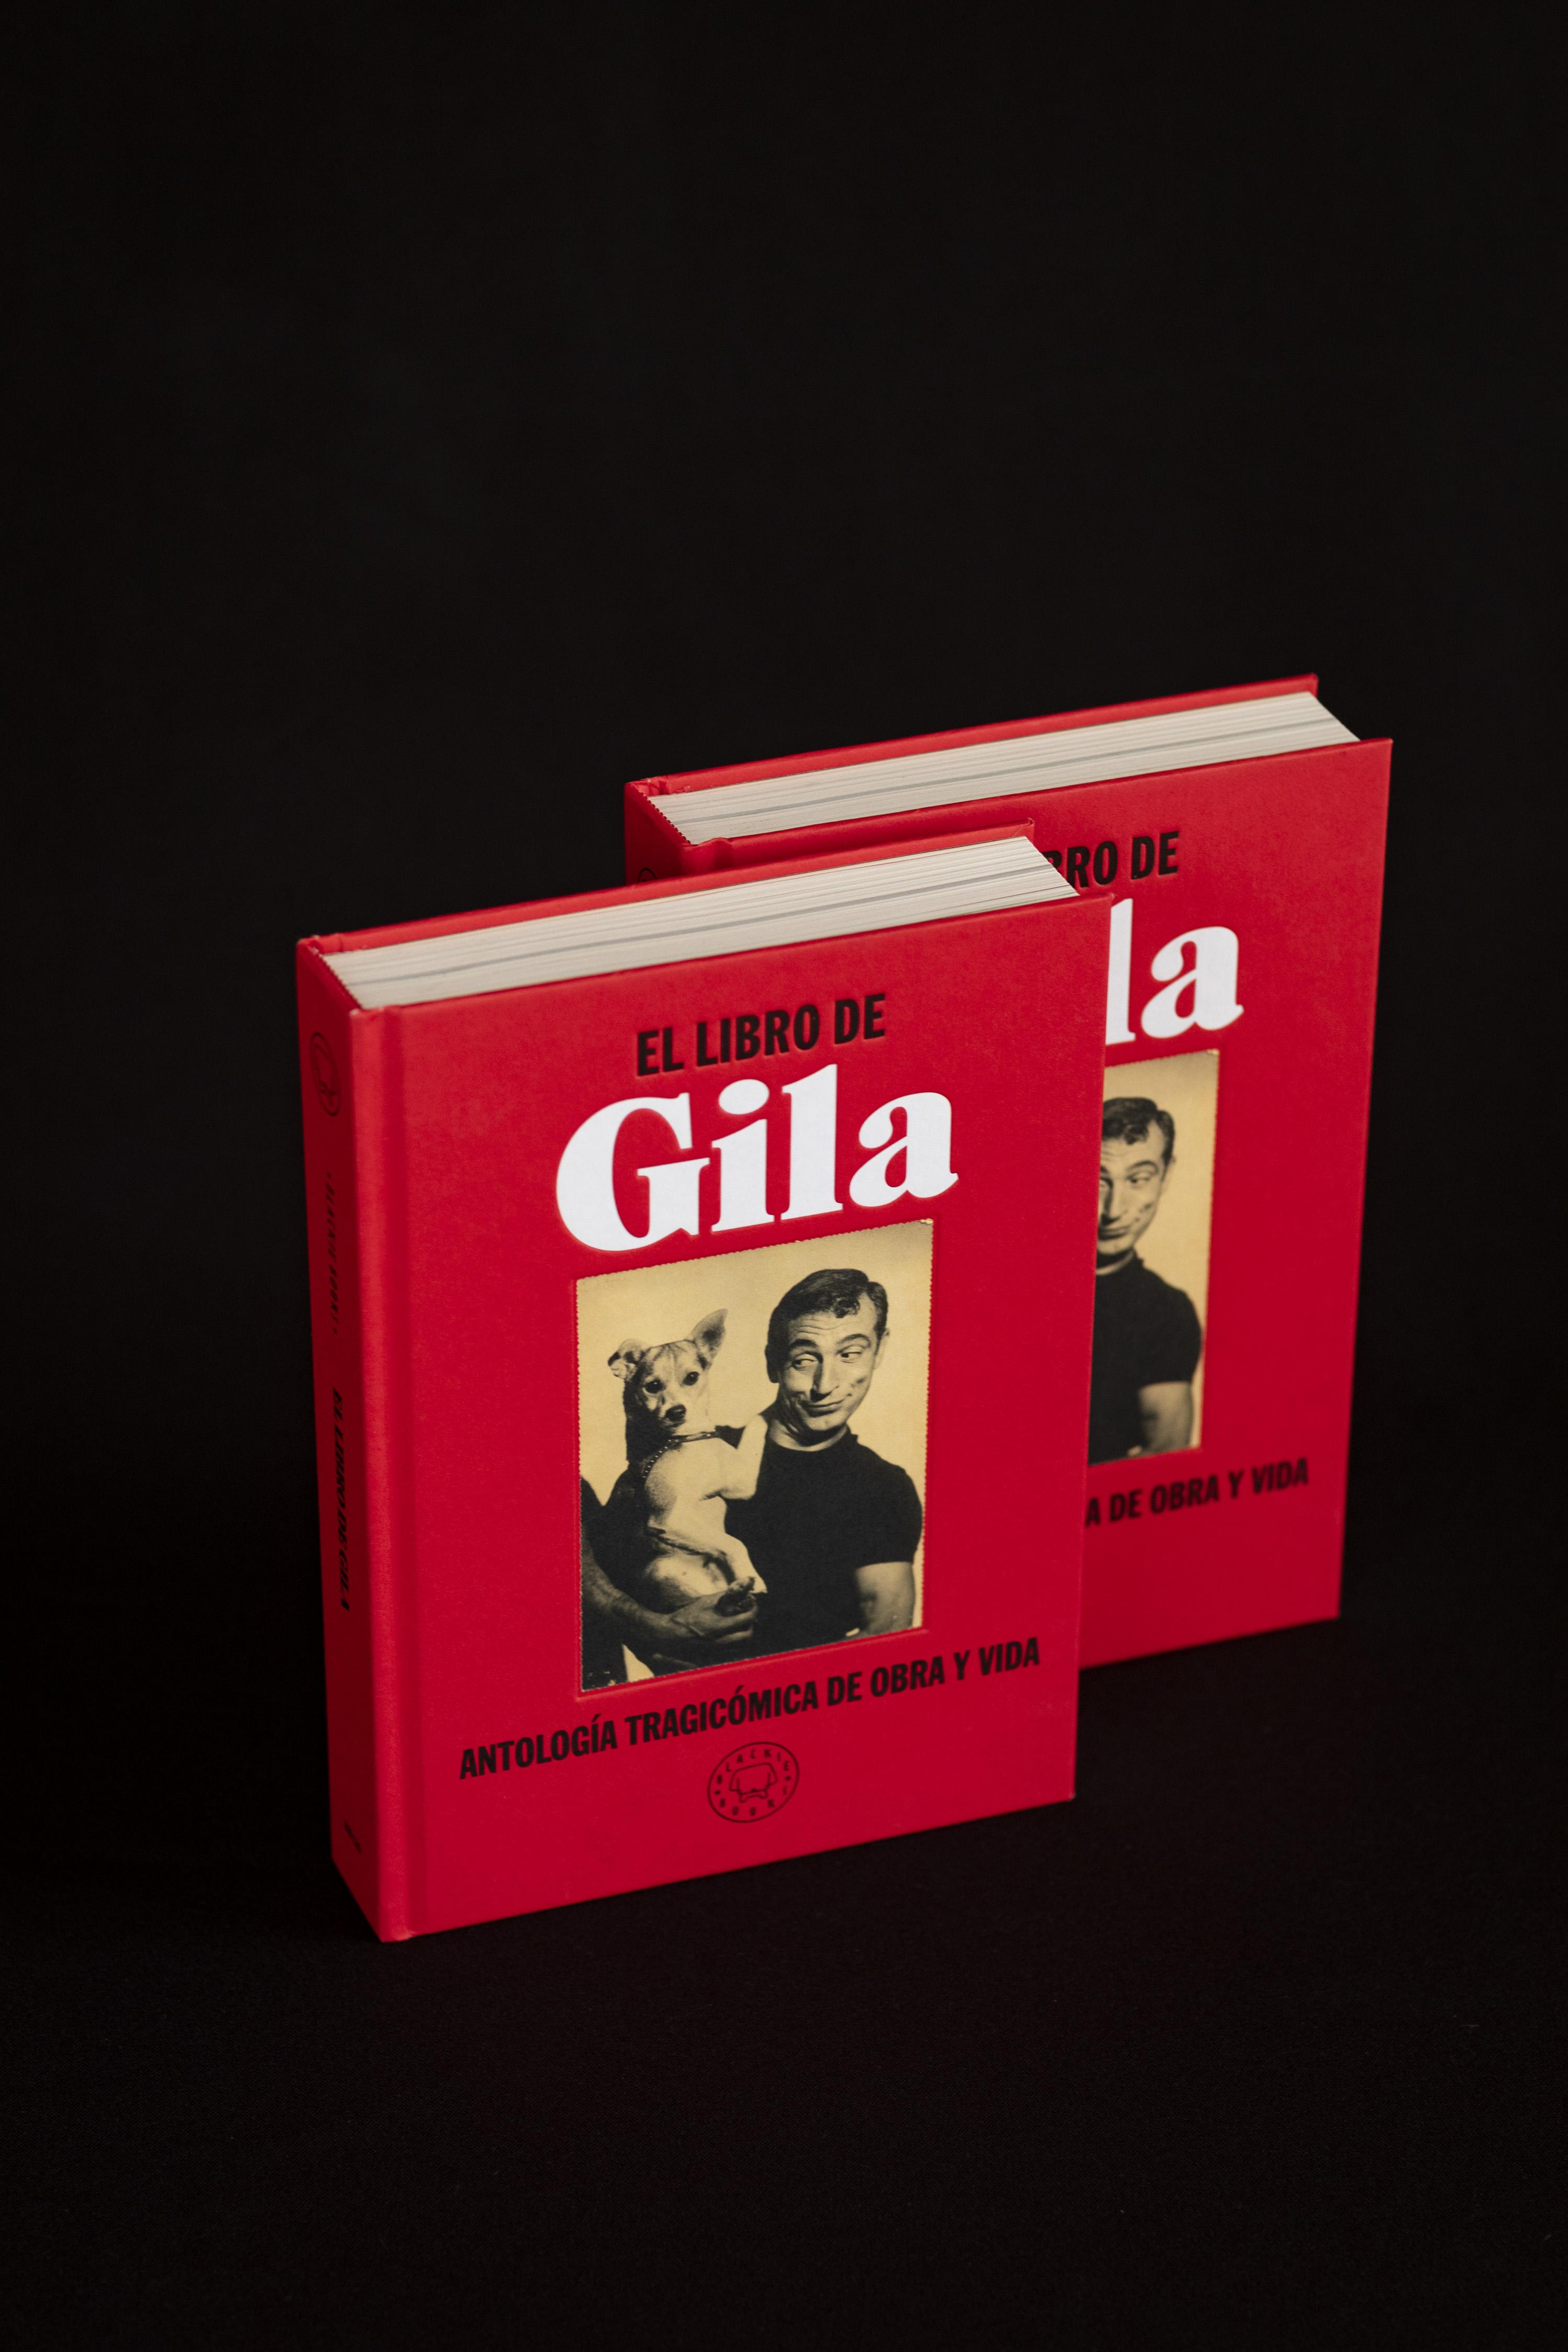 Miguel Gila. El Libro de Gila. Antología tragicómica de obra y vida